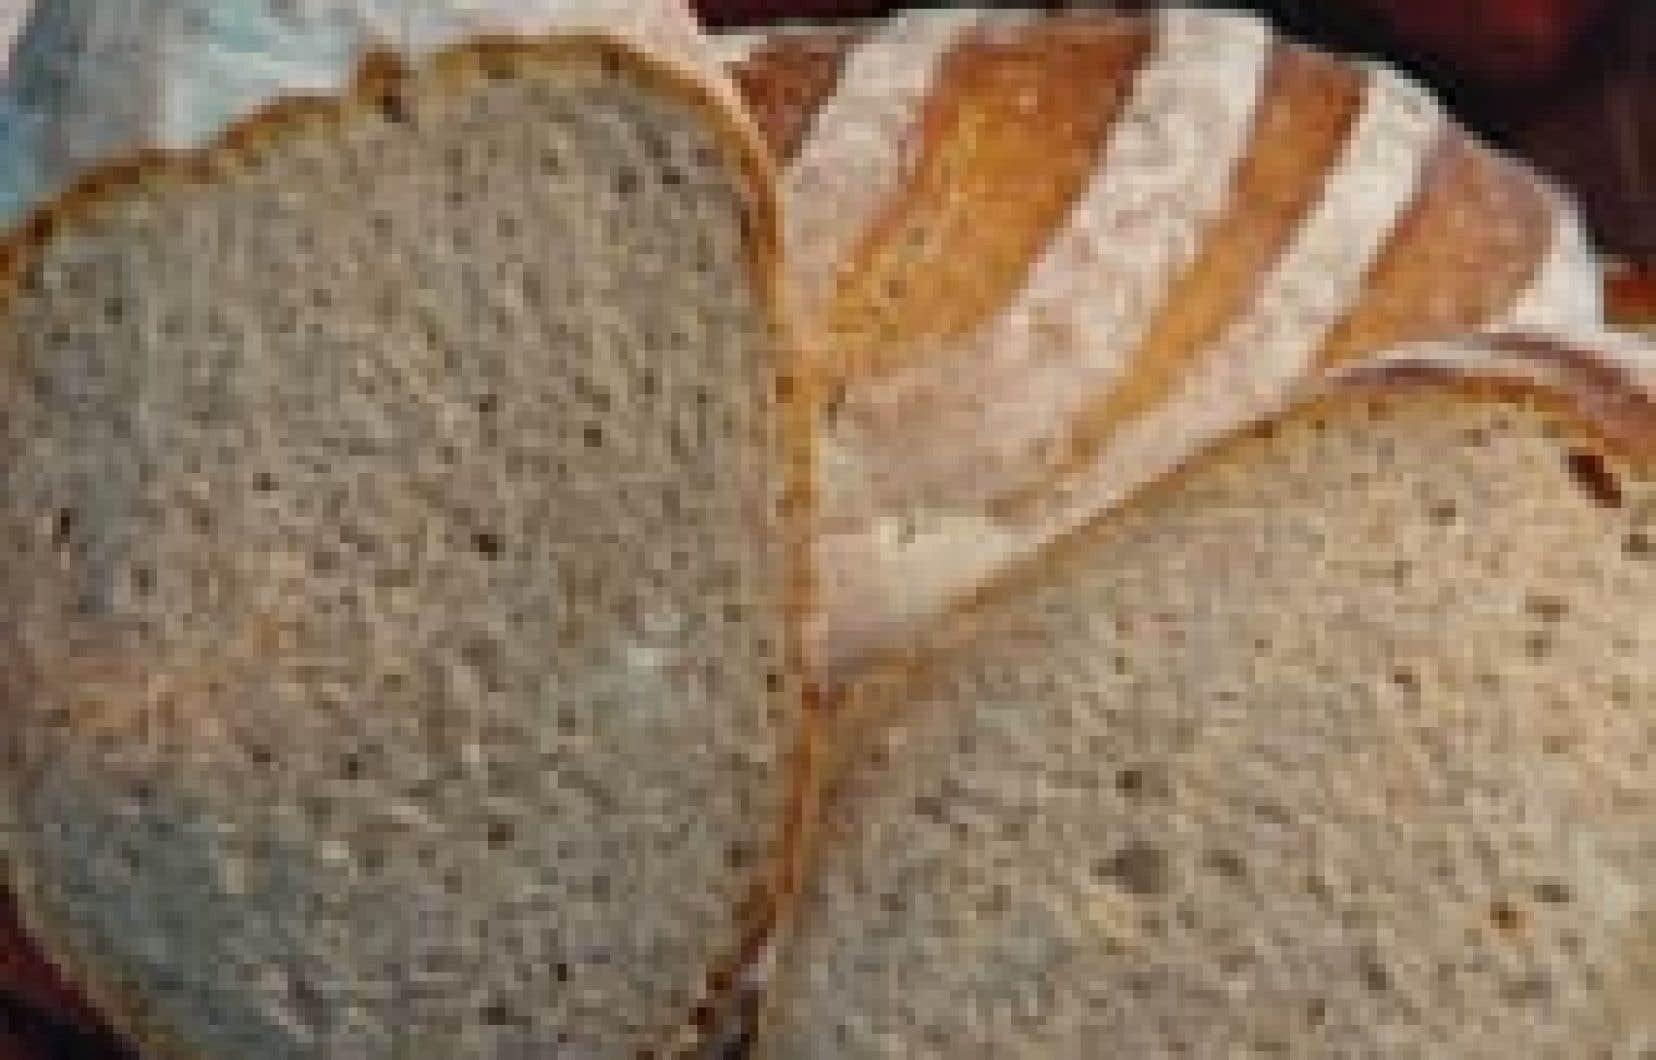 Chez Première Moisson, on classe les pains en trois catégories. Il y a d'abord les pains blancs aux formes multiples, où trône en reine la baguette française. Ensuite on trouve les pains spéciaux, qui comprennent autant le pain de blé entier que